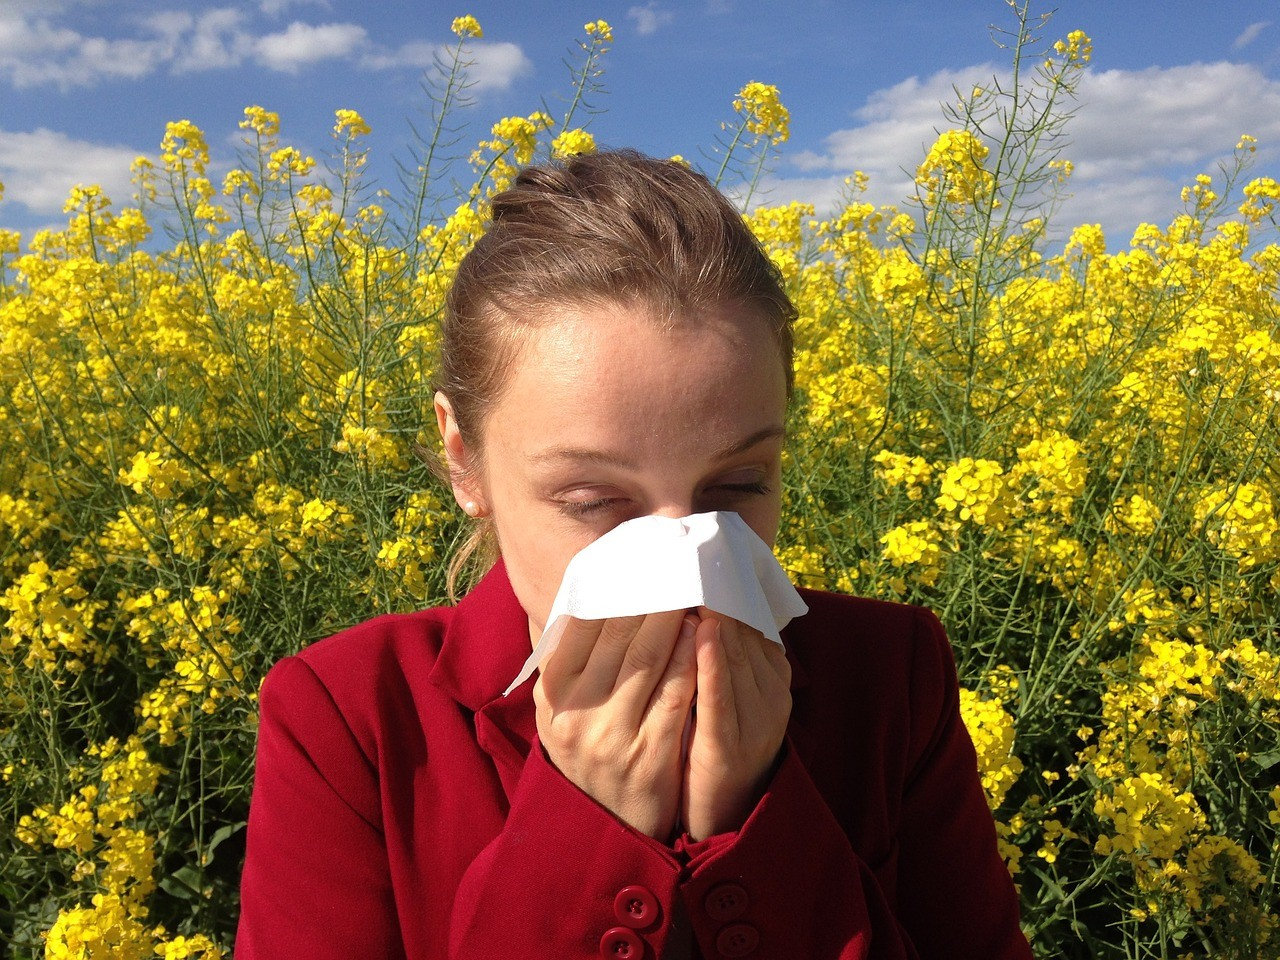 Kétmillió allergiás ember van az országban